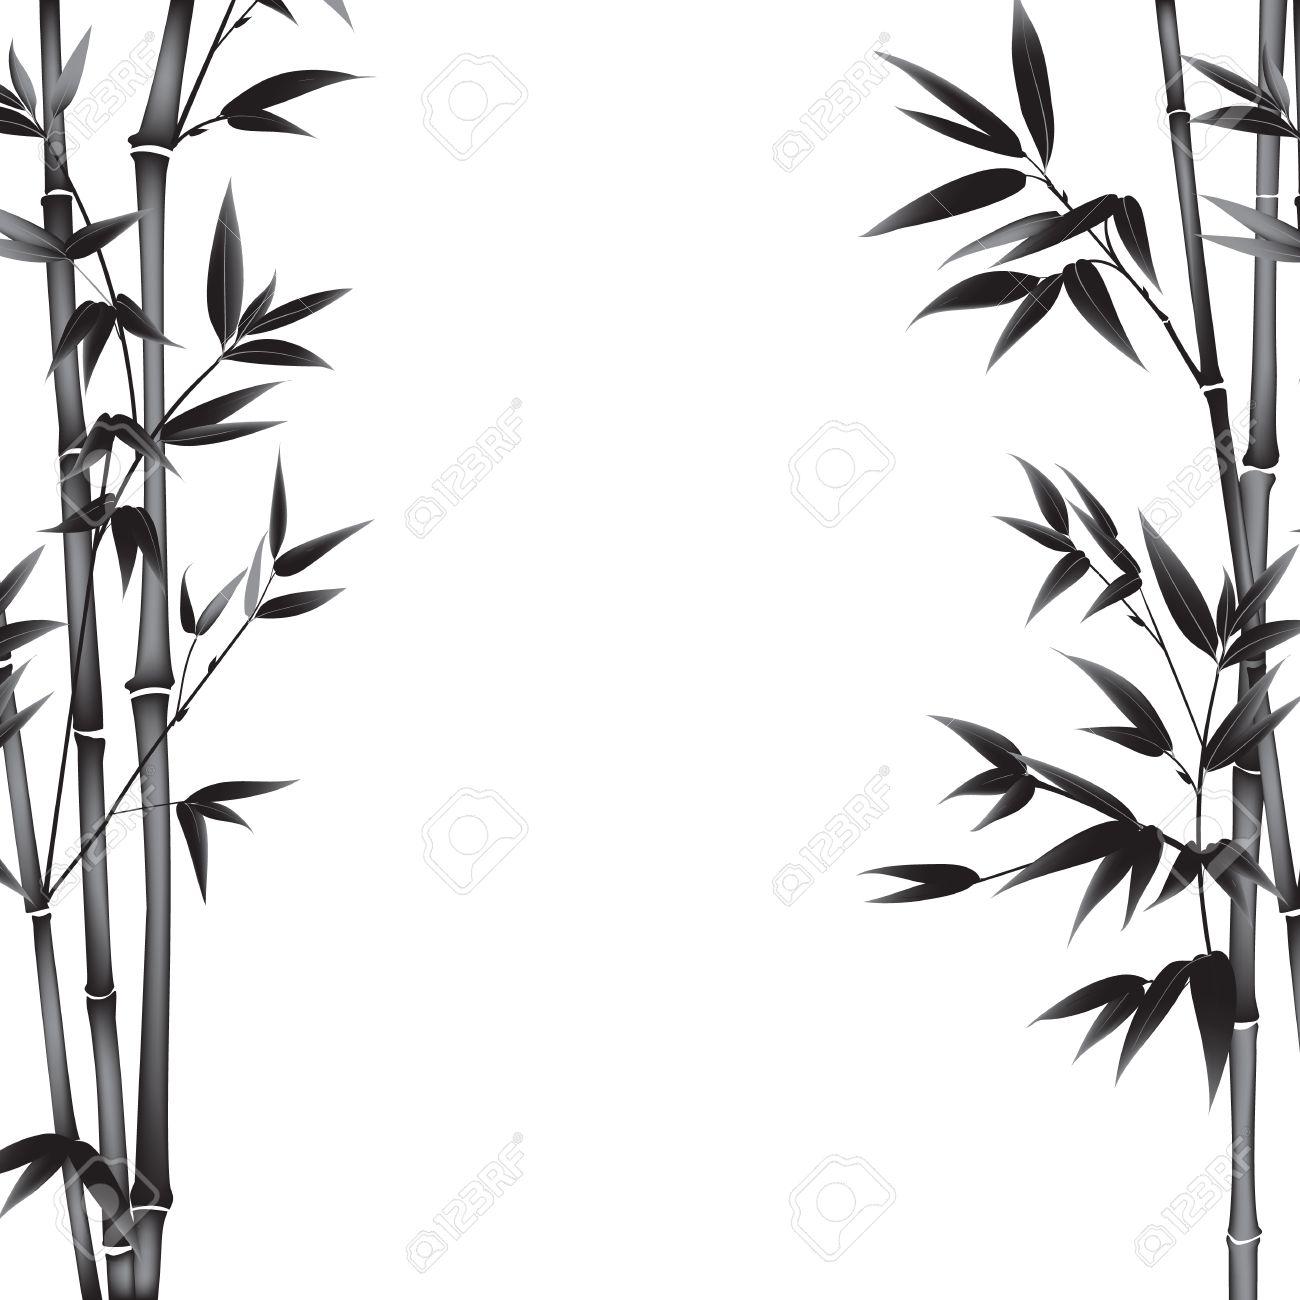 Elegant Bambus Busch Malerei Auf Weißem Hintergrund. Blätter Von Bambus Baum Als  Symbol Japans Kultur